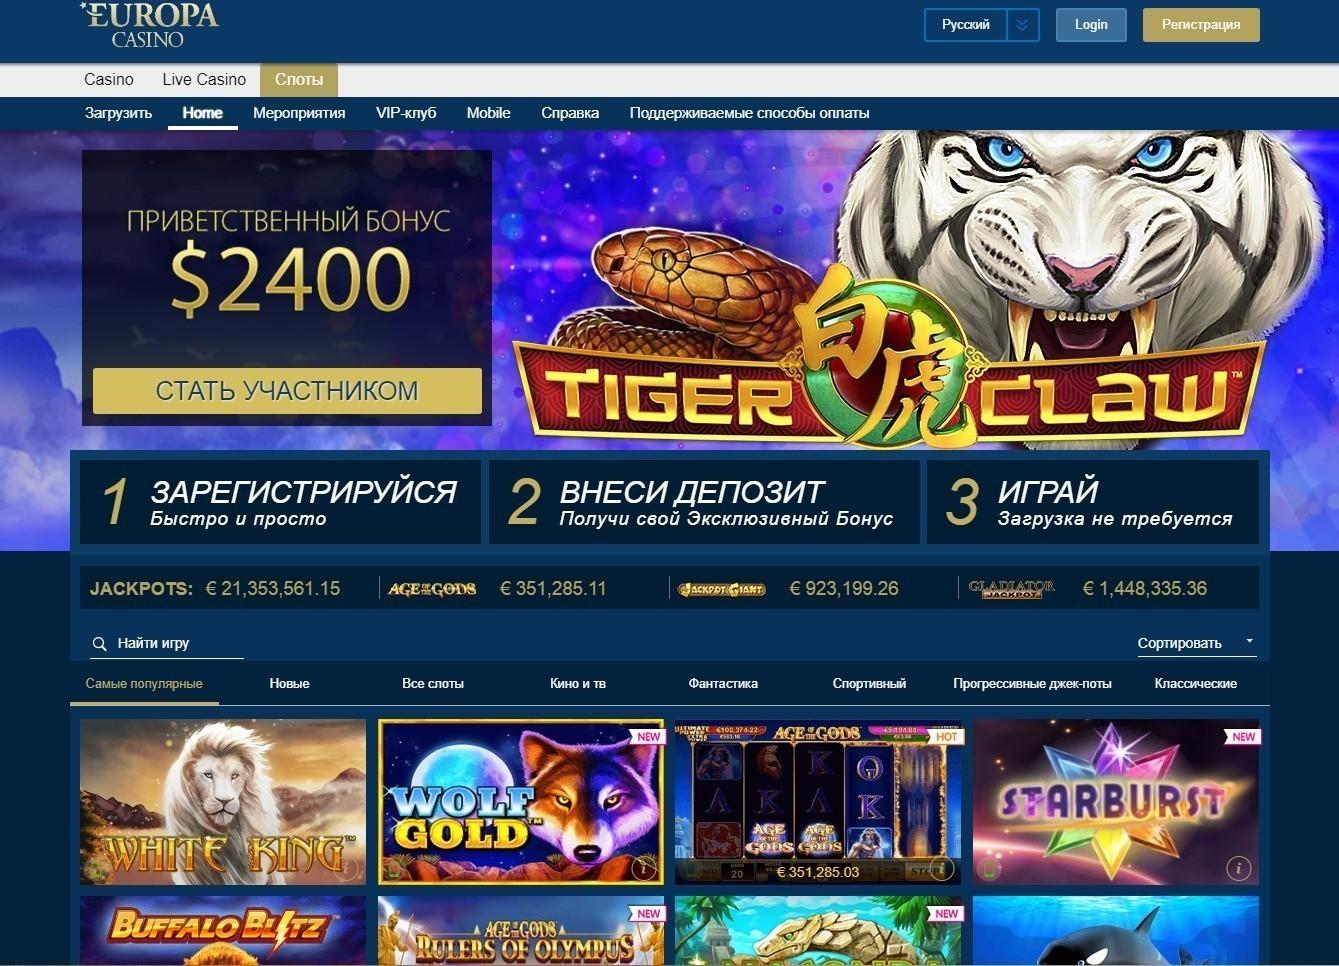 фото Официальный казино регистрация европа сайт